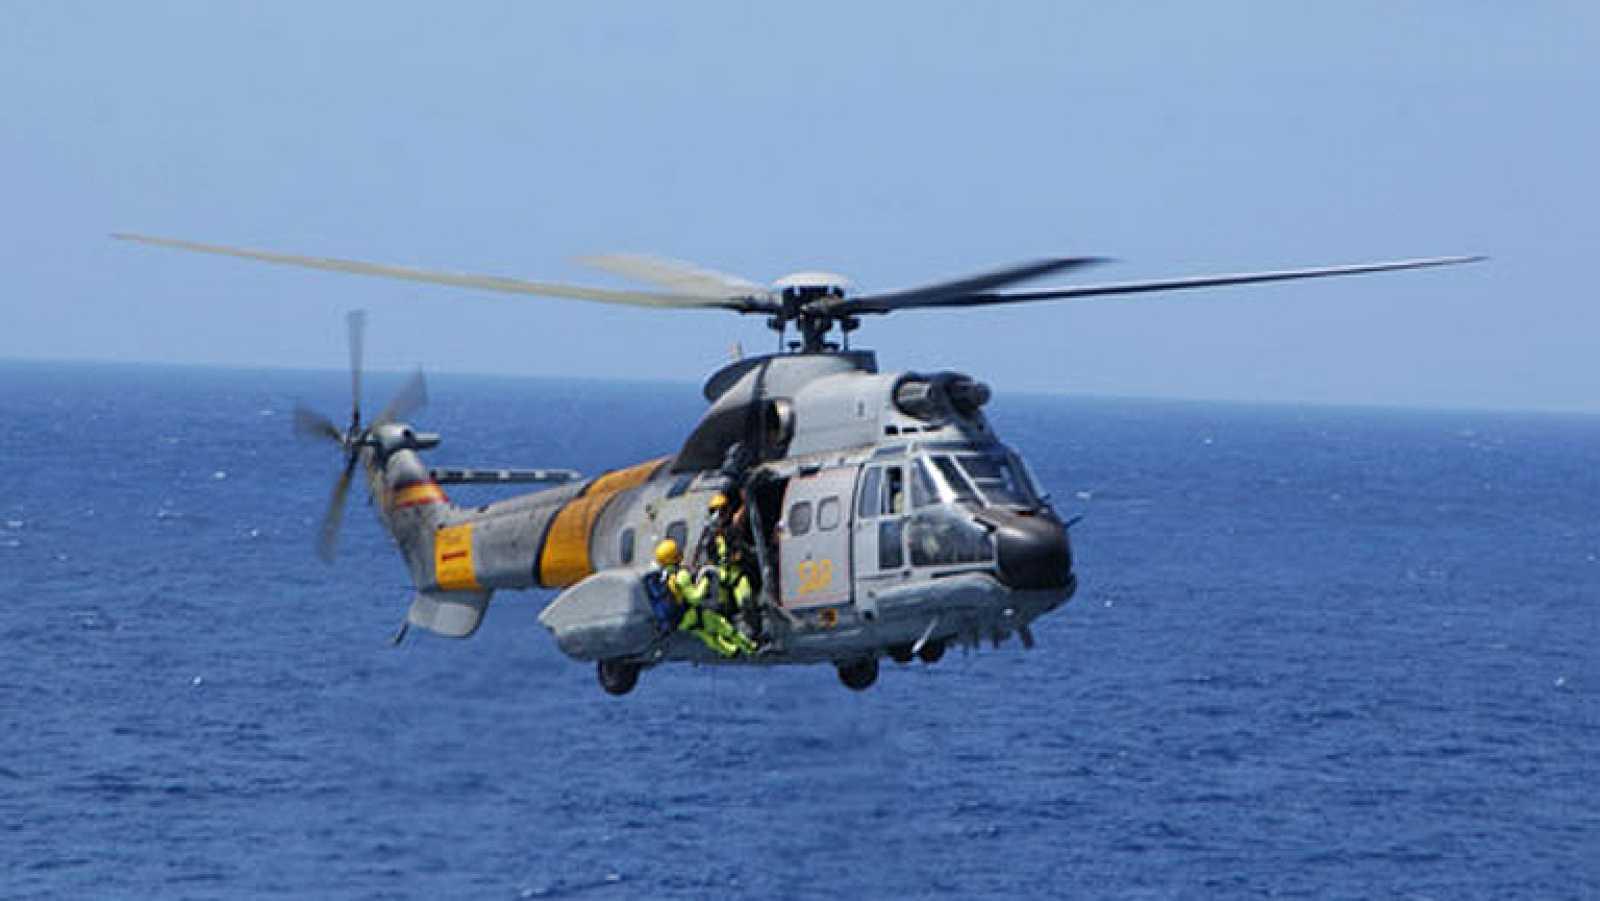 Defensa estudia cómo recuperar a los tripulantes del helicóptero accidentado en Canarias